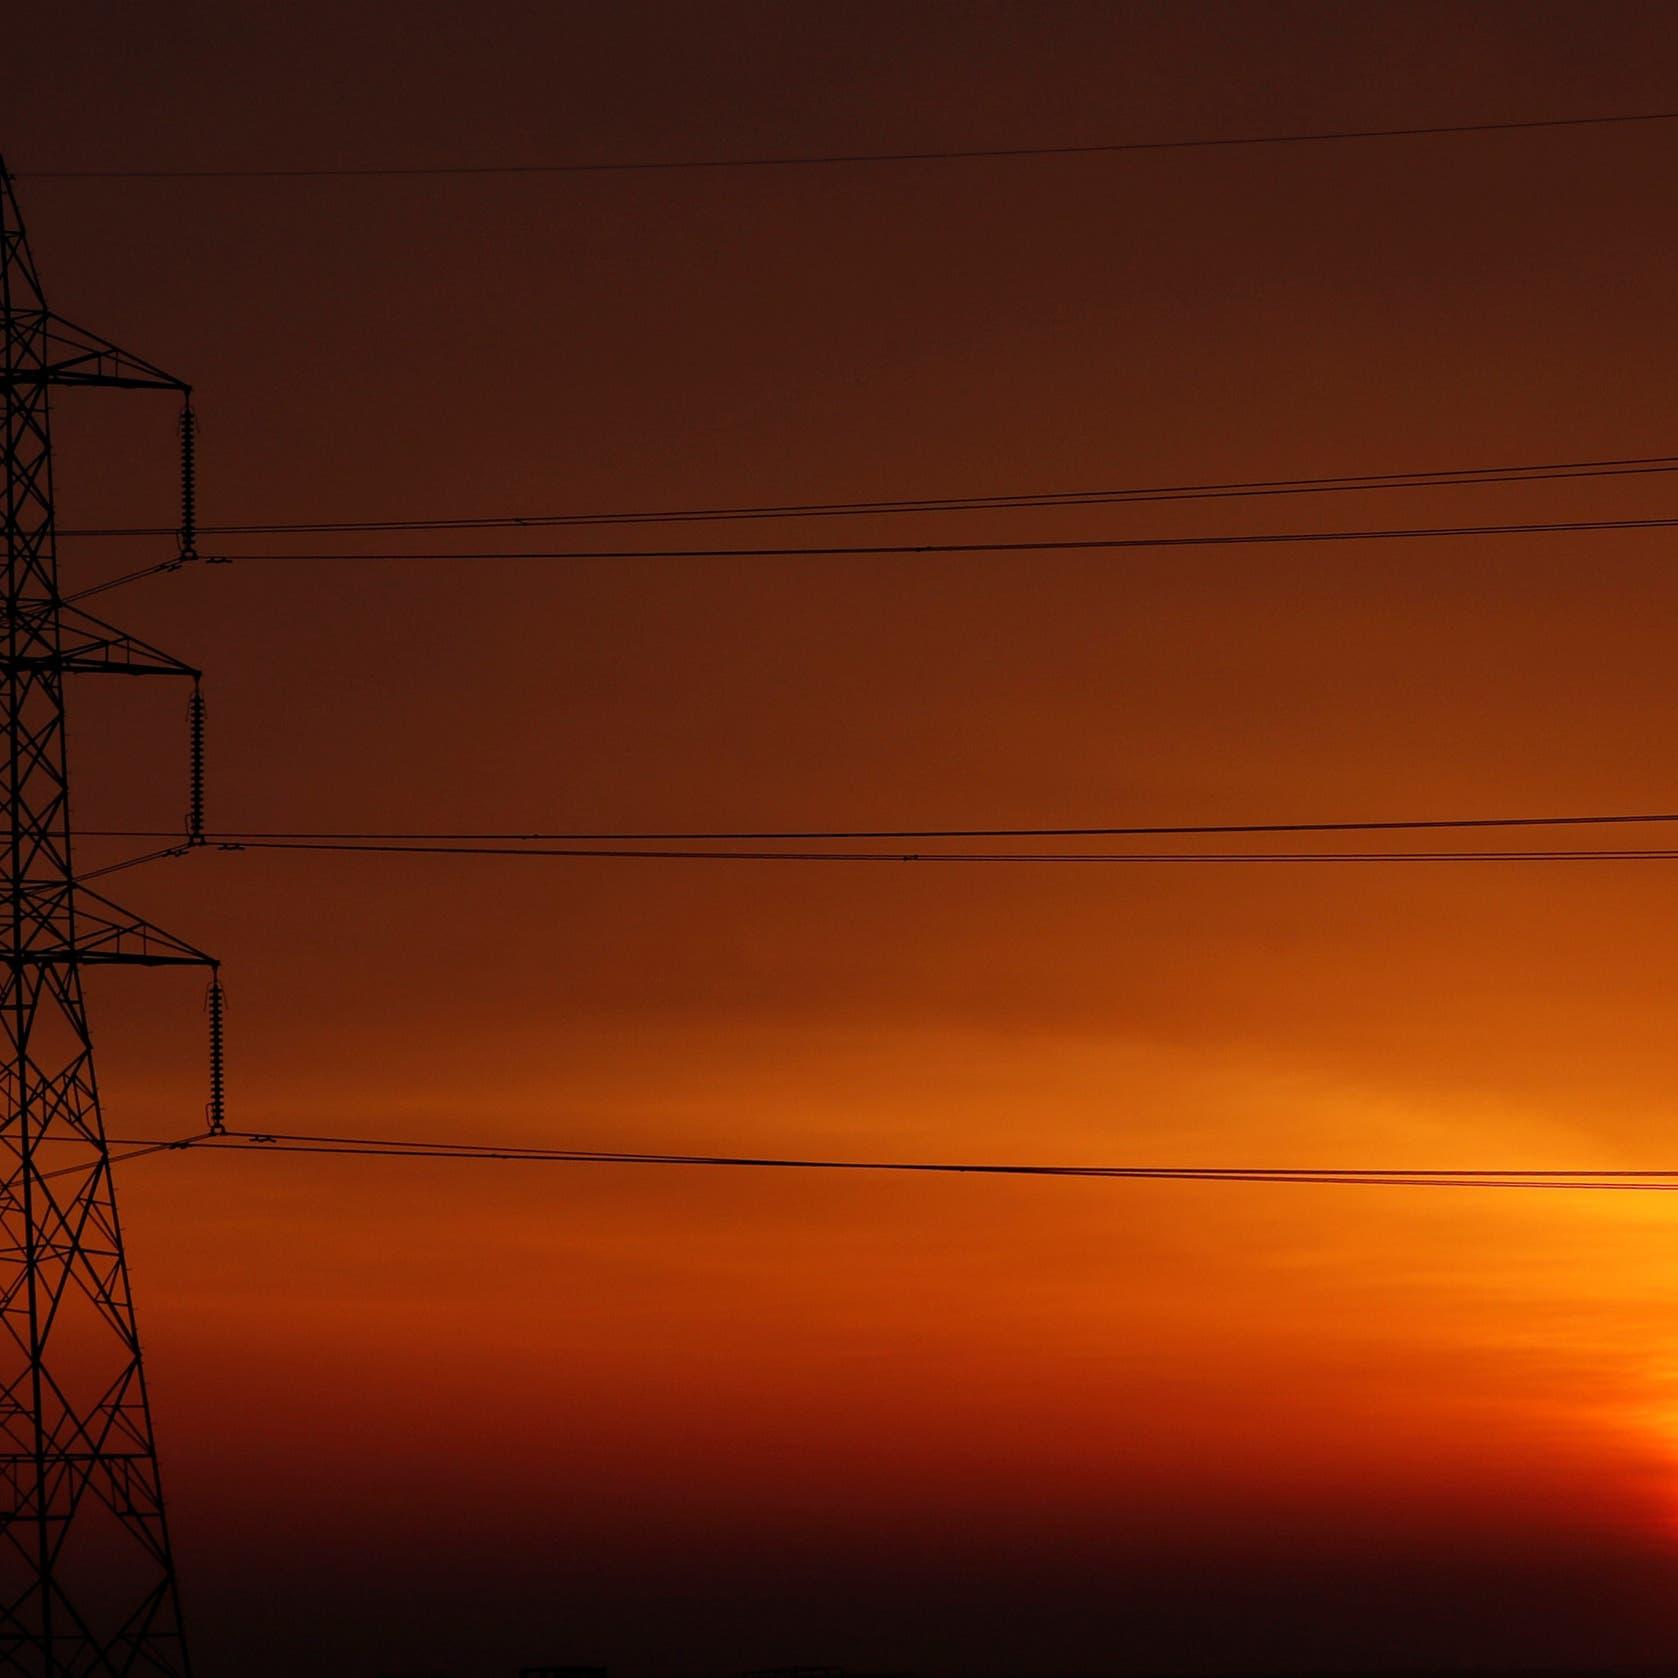 موجة حر ترفع استهلاك الطاقة في مصر إلى مستويات قياسية